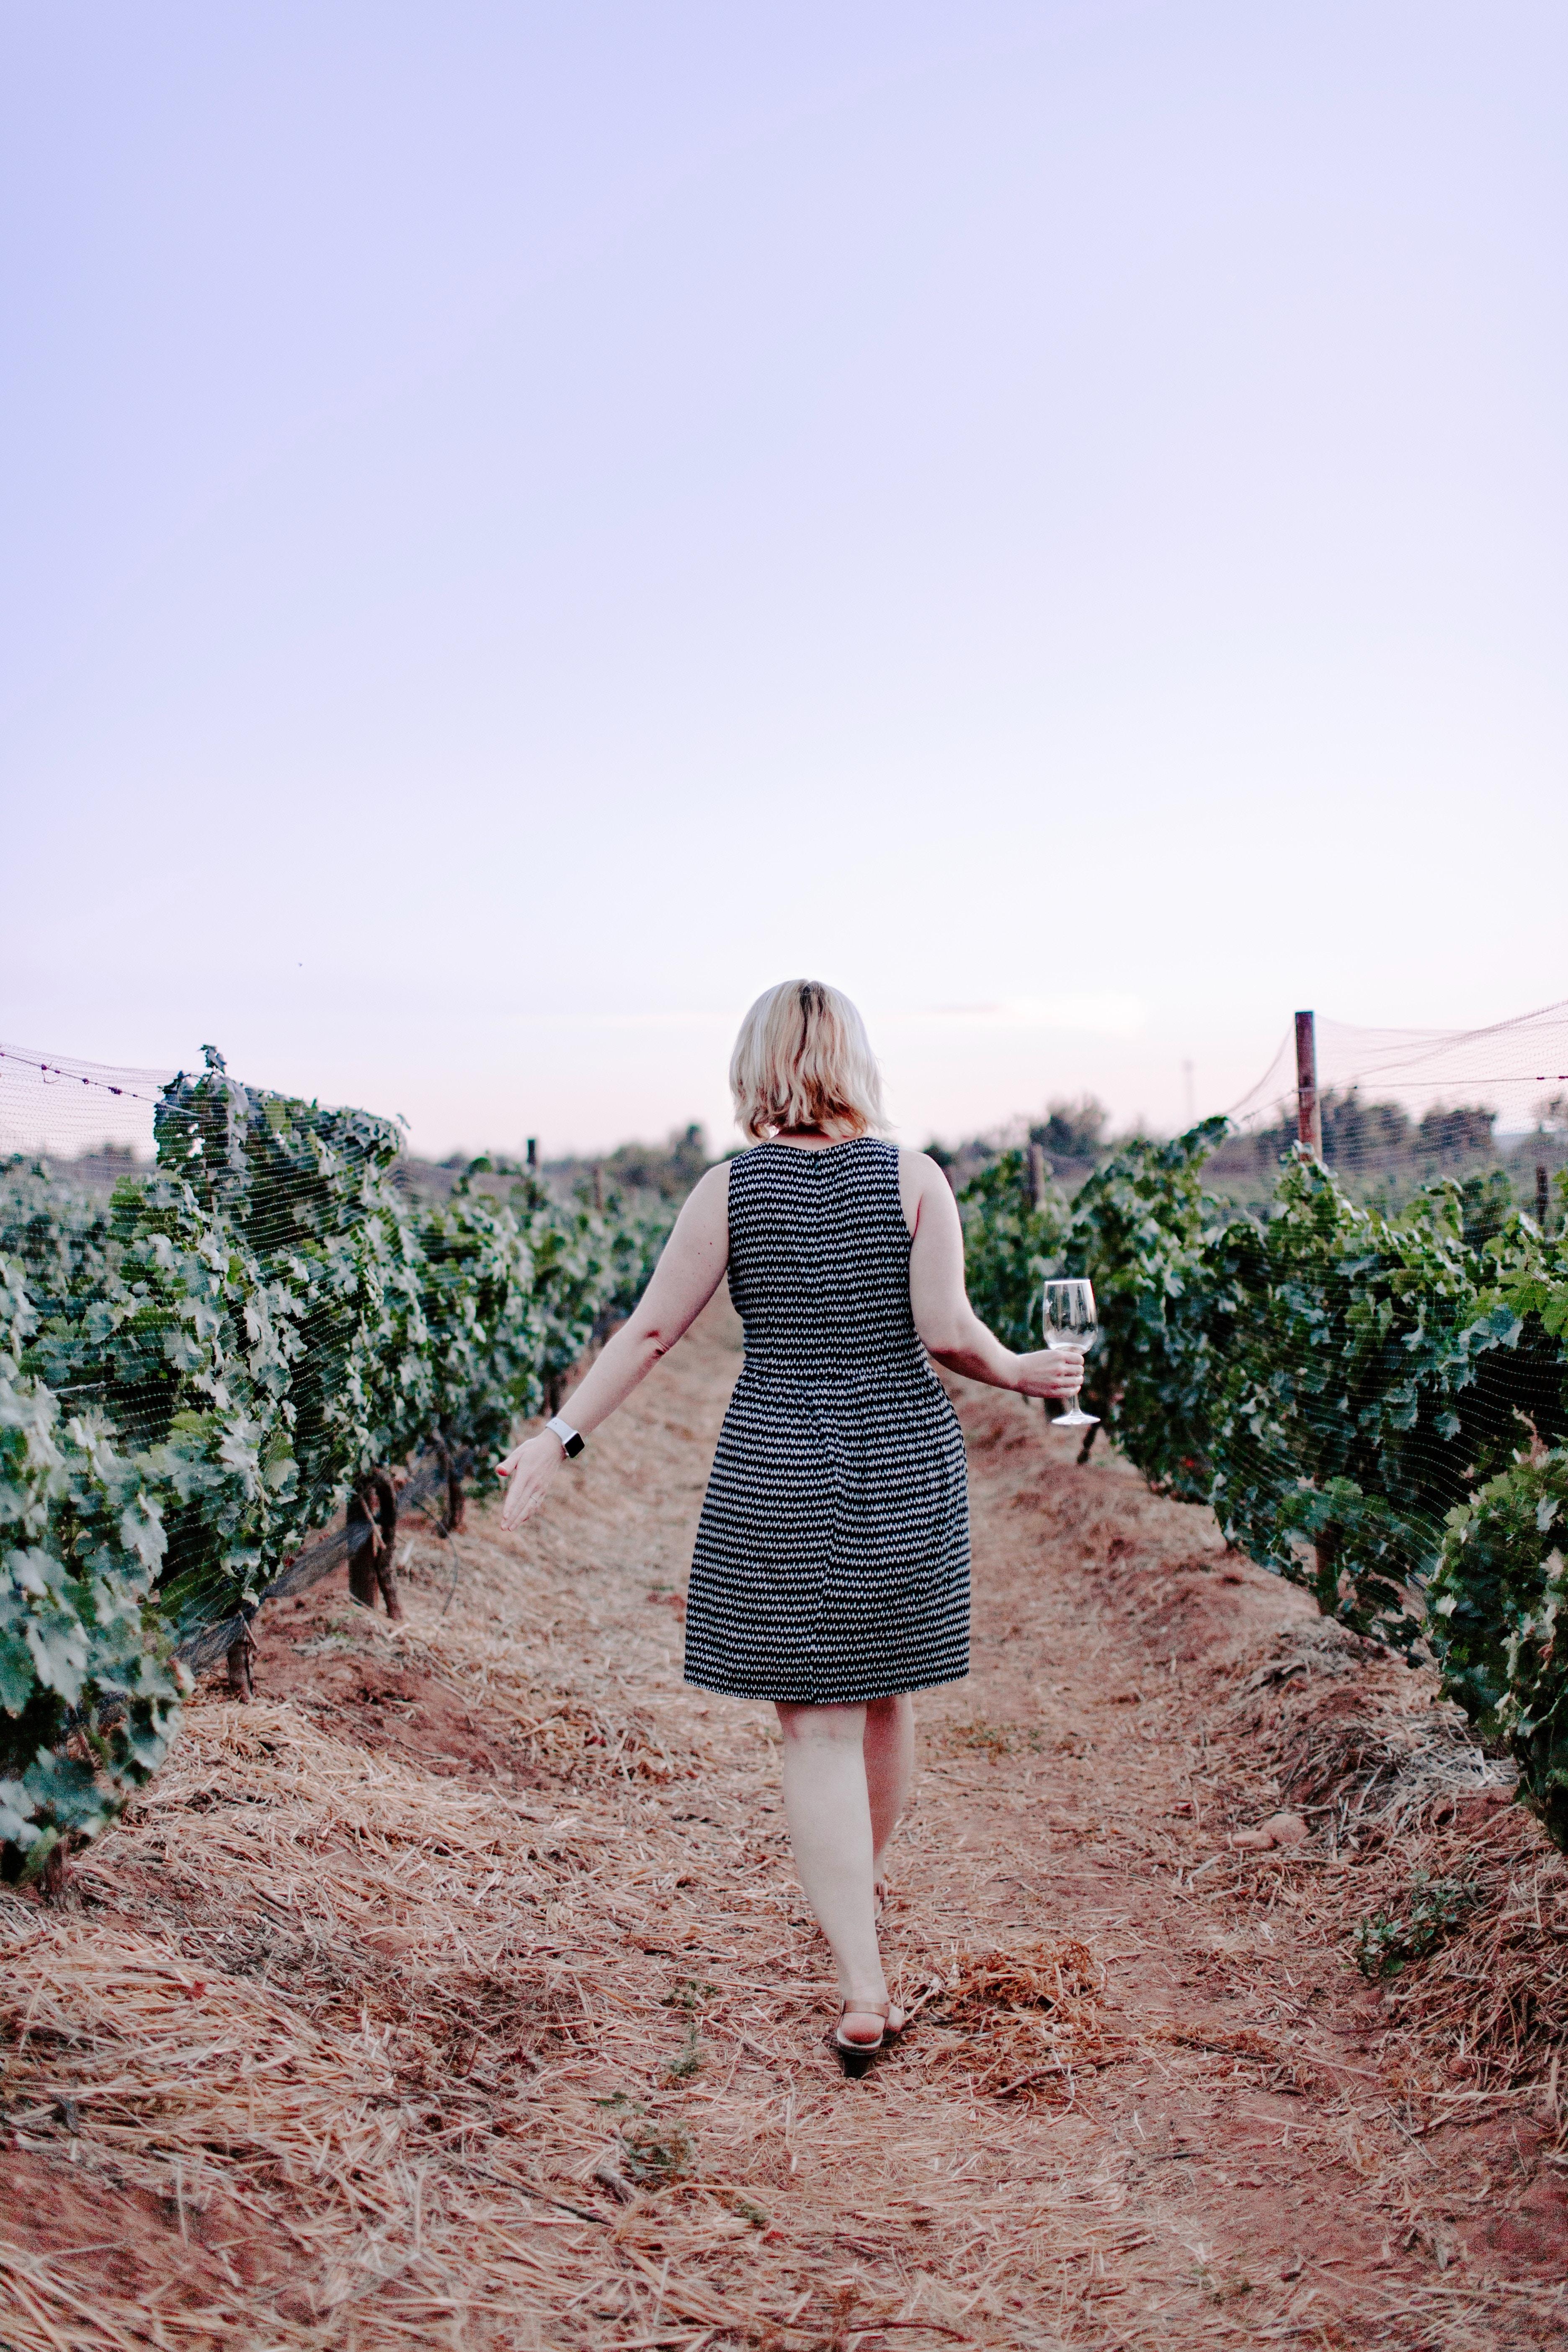 rotas do vinho italiano